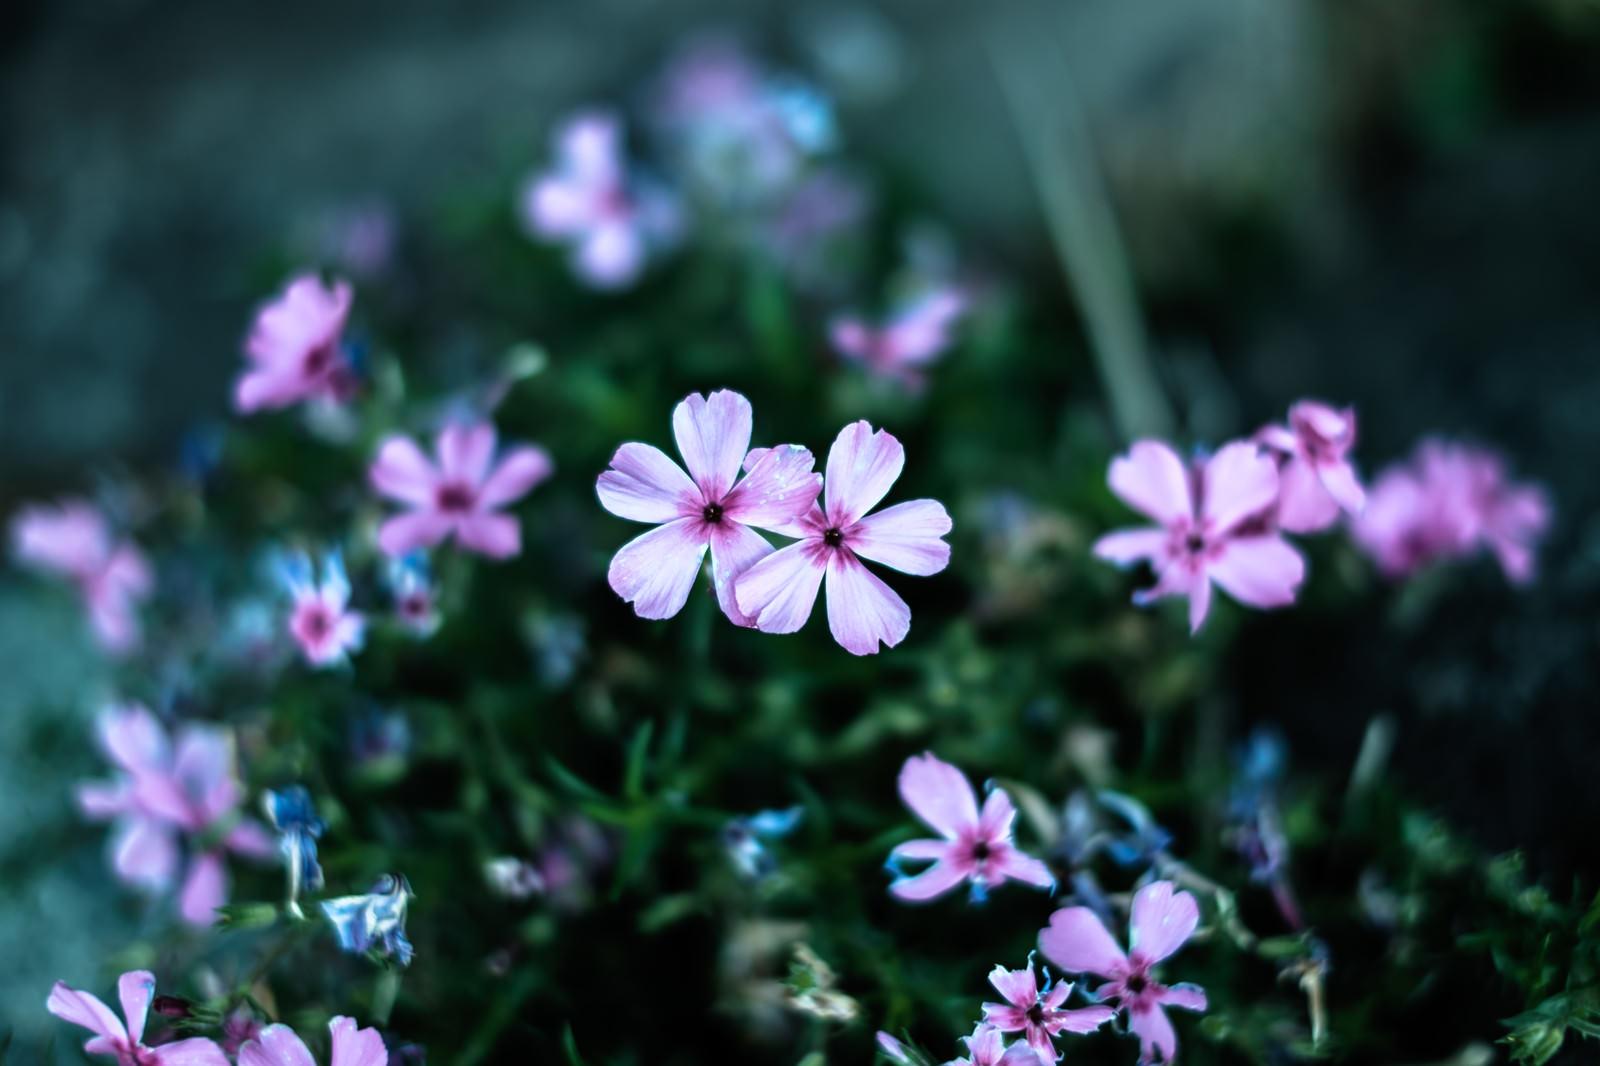 「小さいお花(雨上がり)」の写真